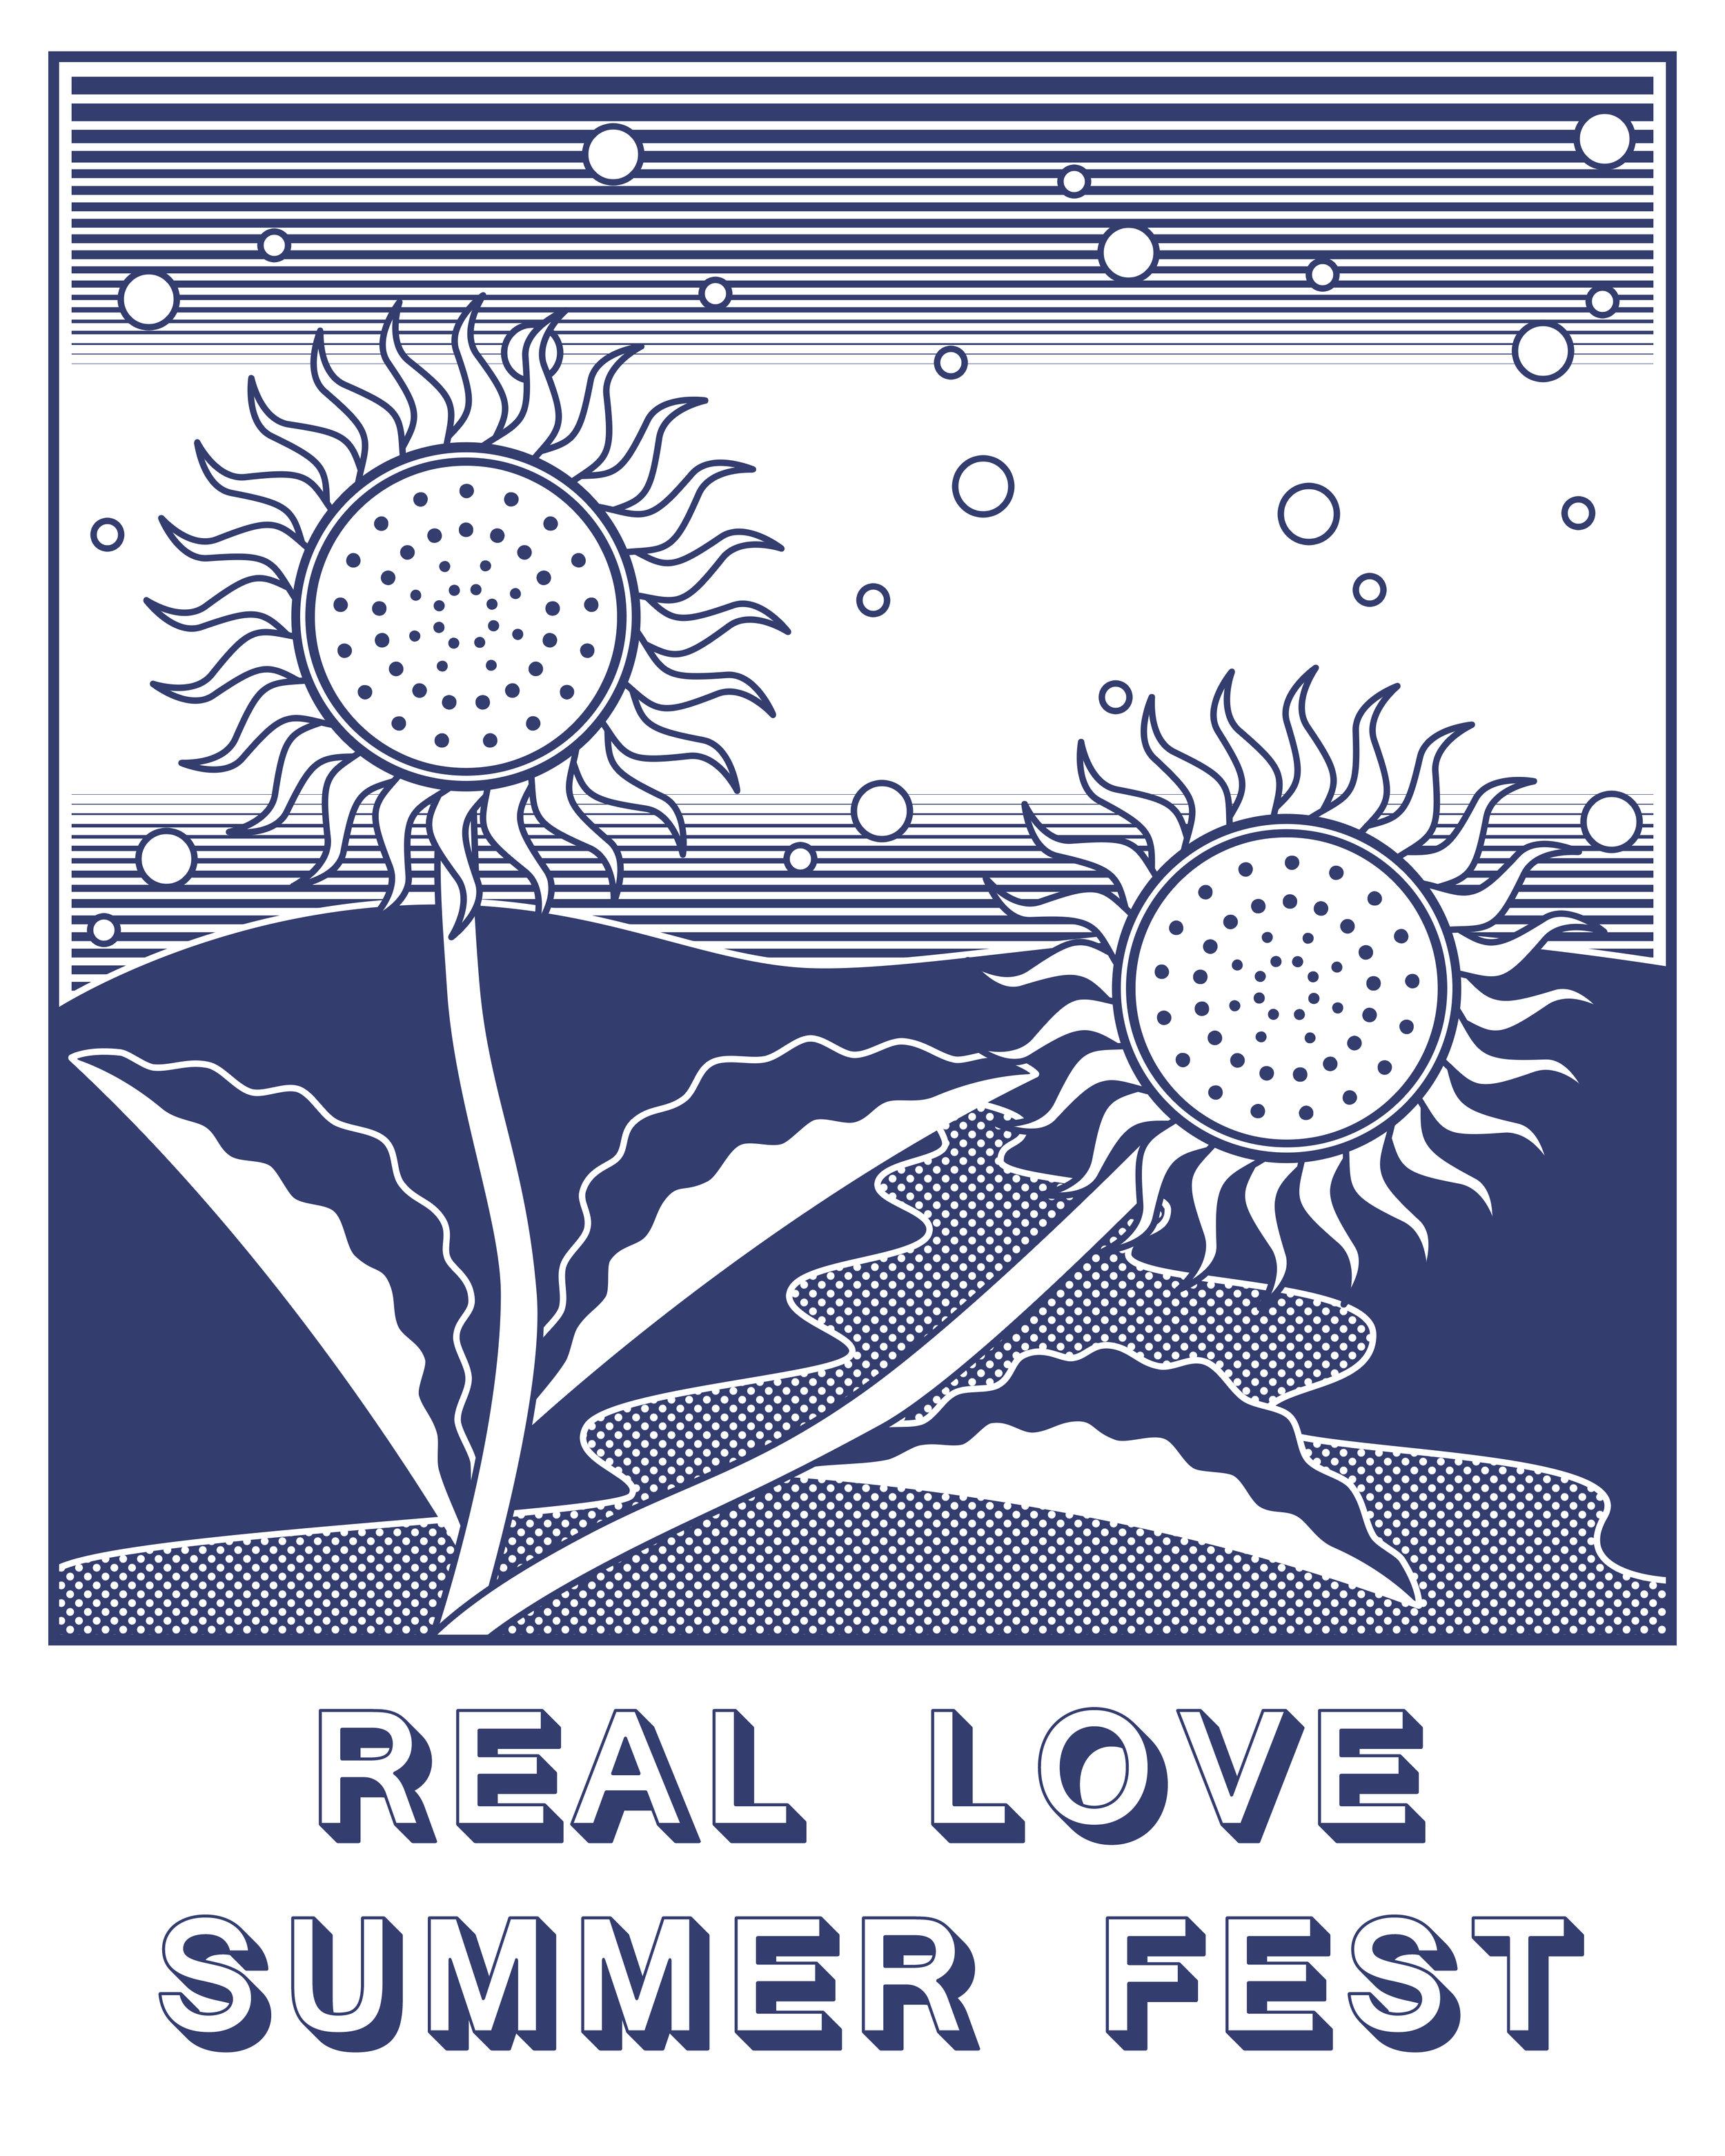 T-shirt design for Real Love Summer Fest